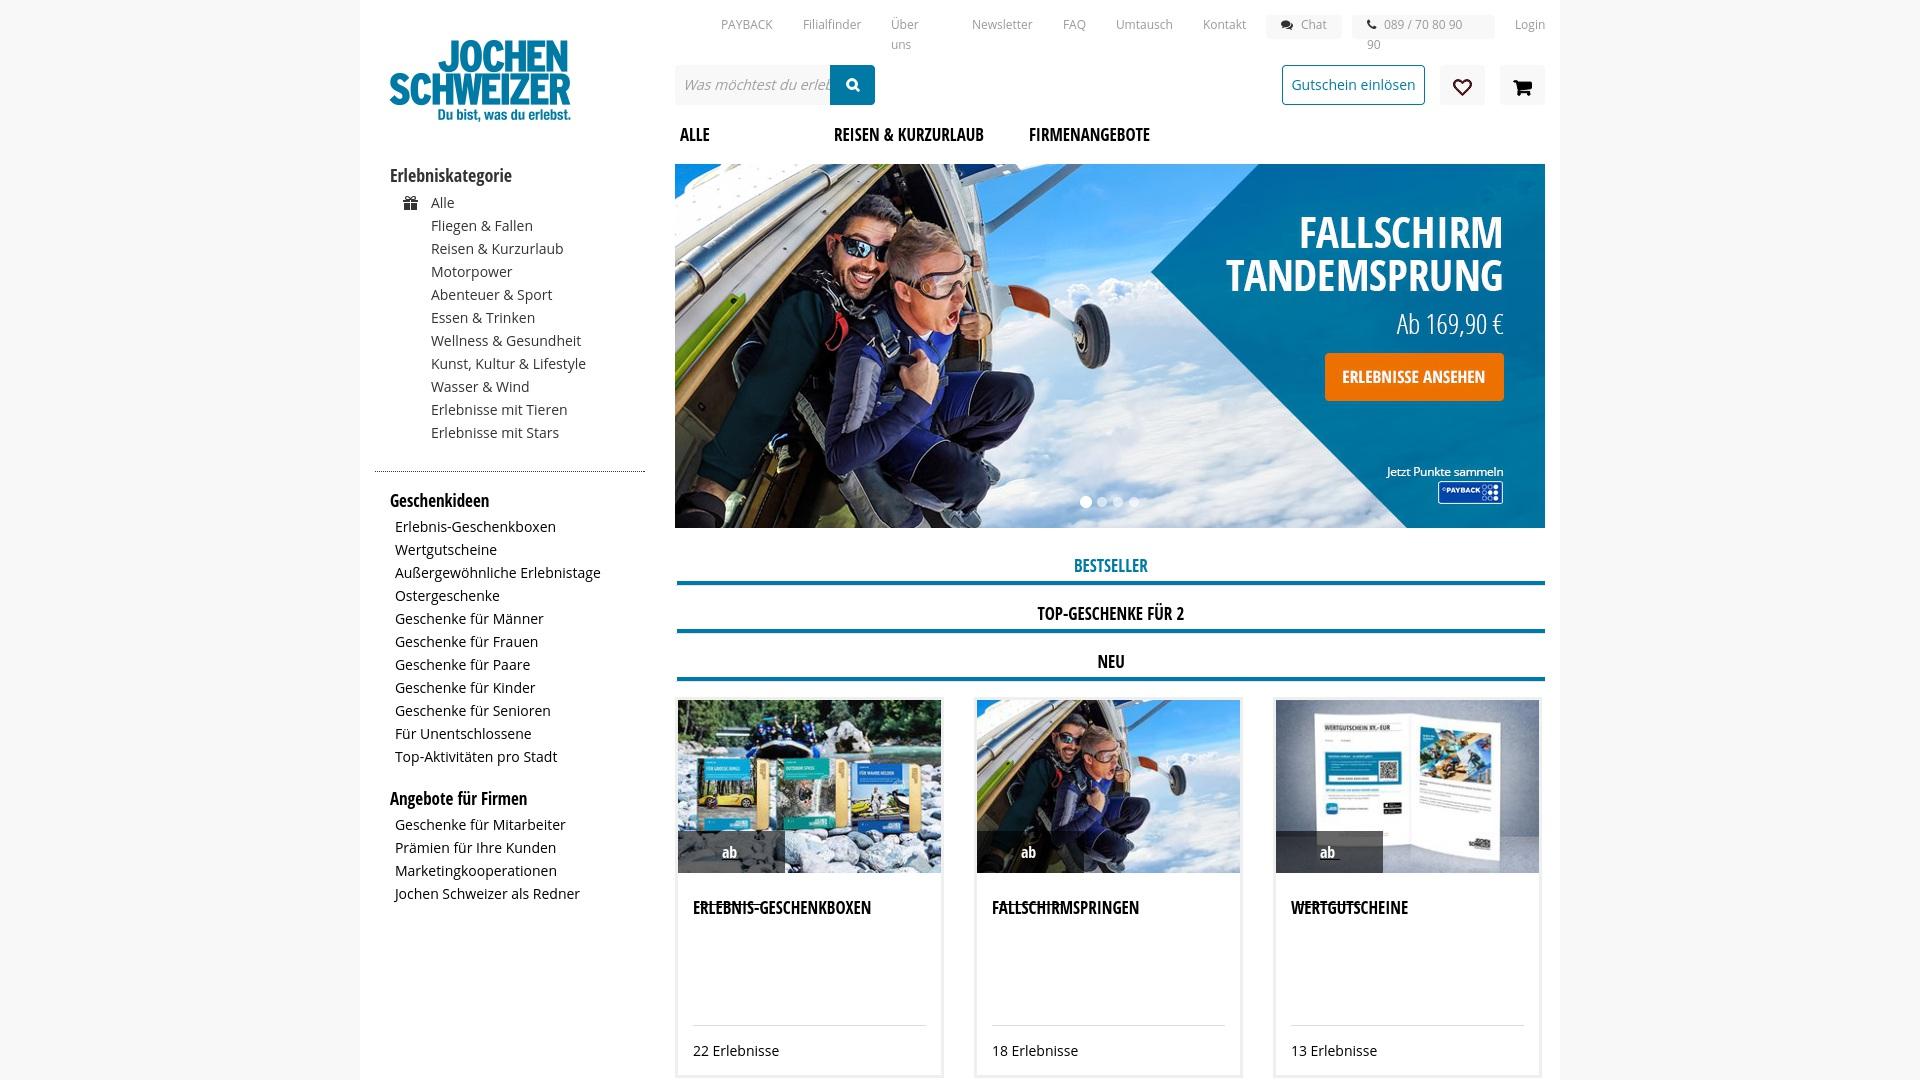 Gutschein für Jochen-schweizer: Rabatte für  Jochen-schweizer sichern